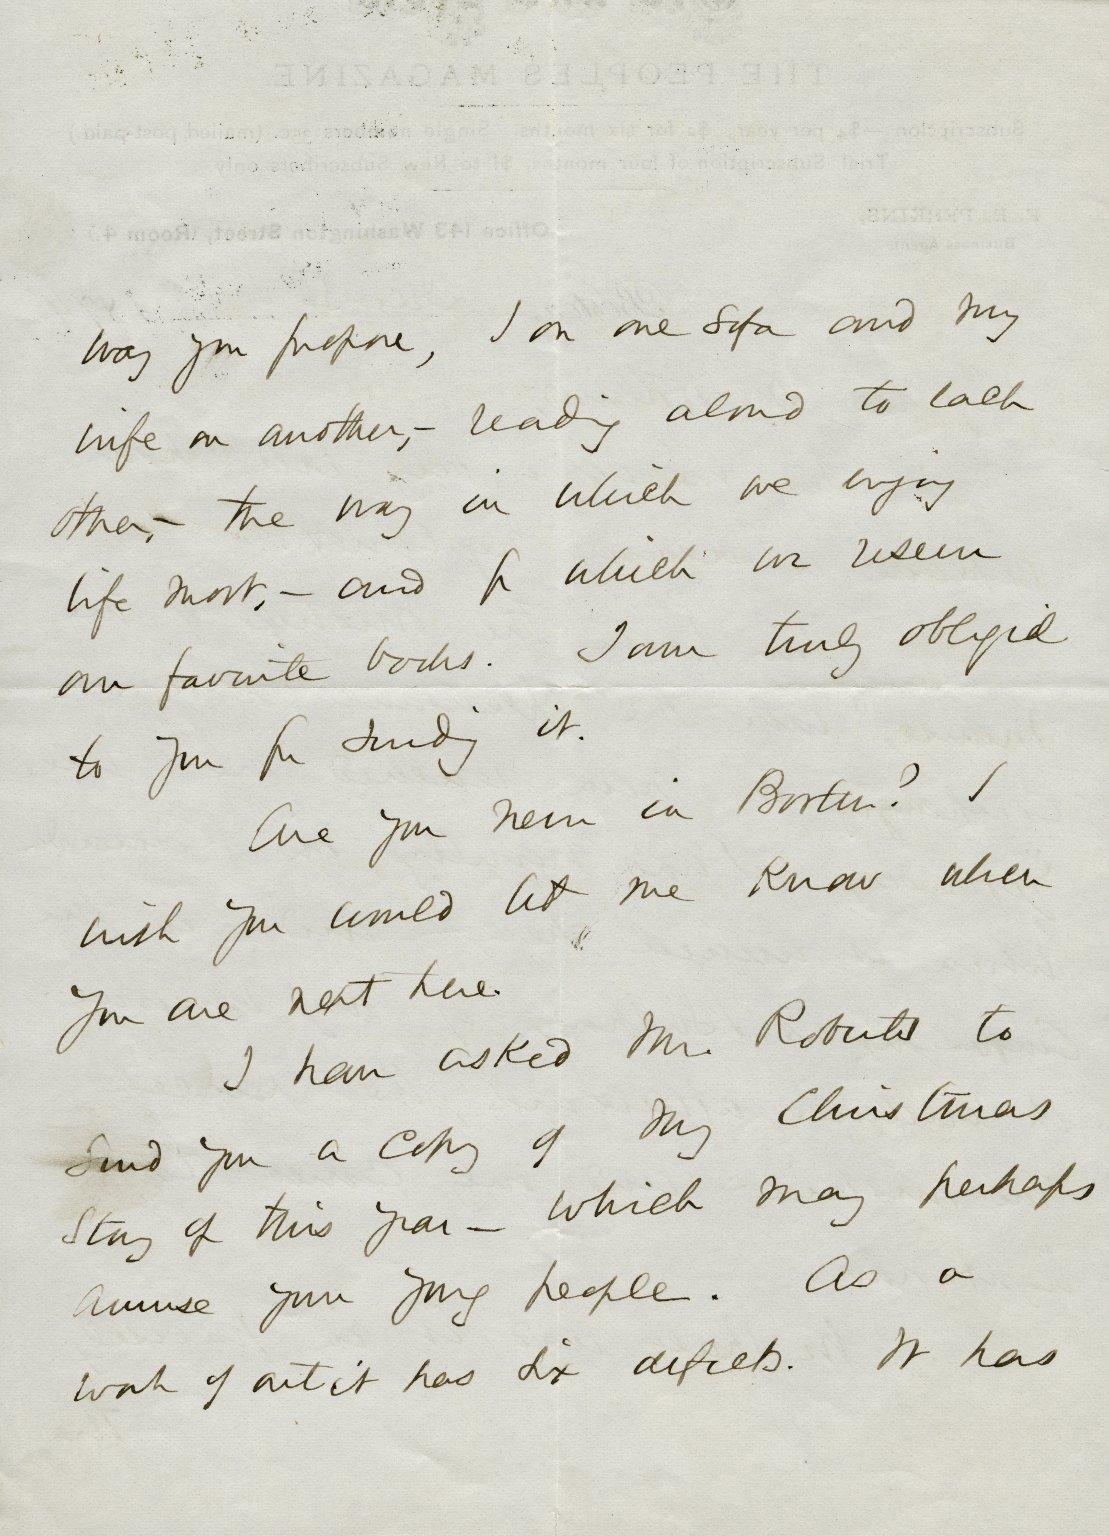 Hale, Edward Everett. ALS, 3 pages, December 3, 1874.